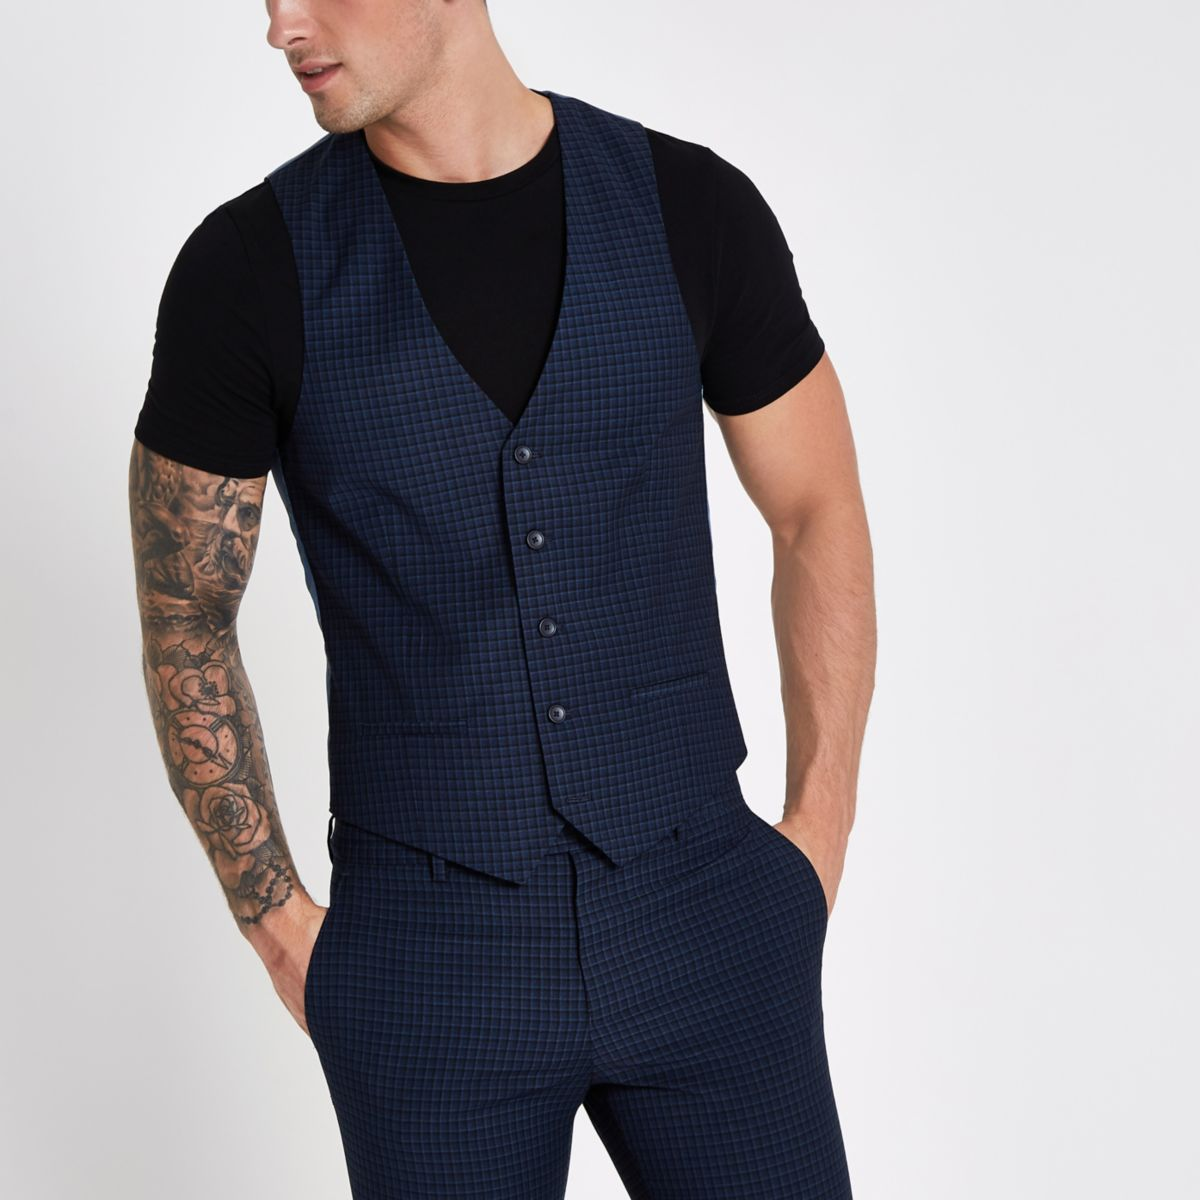 Blue check suit waistcoat